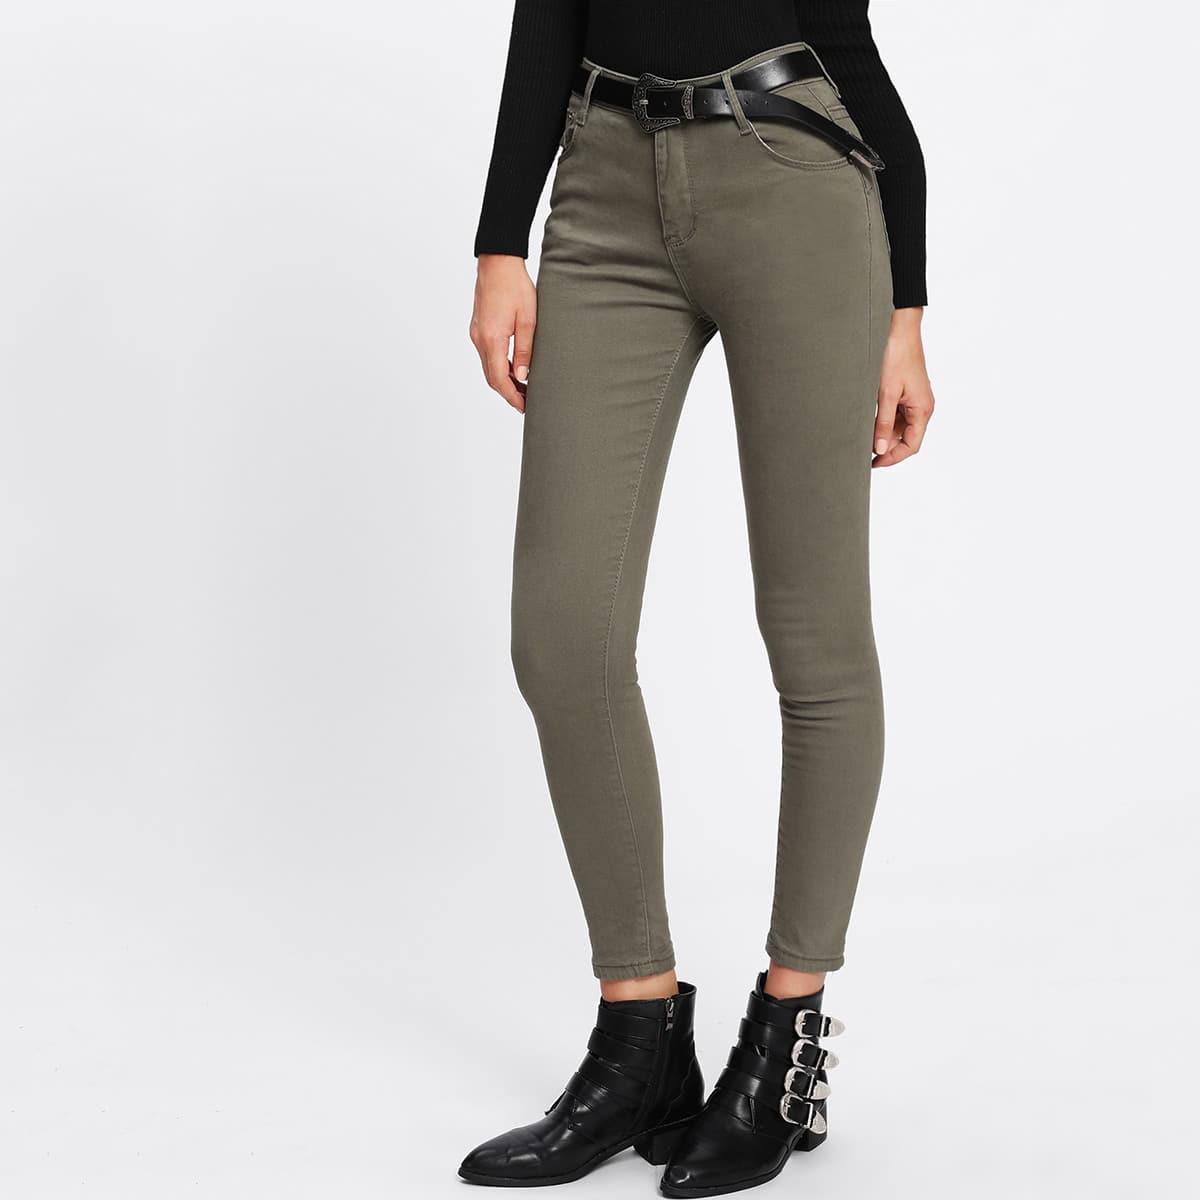 Skinny enkel jeans